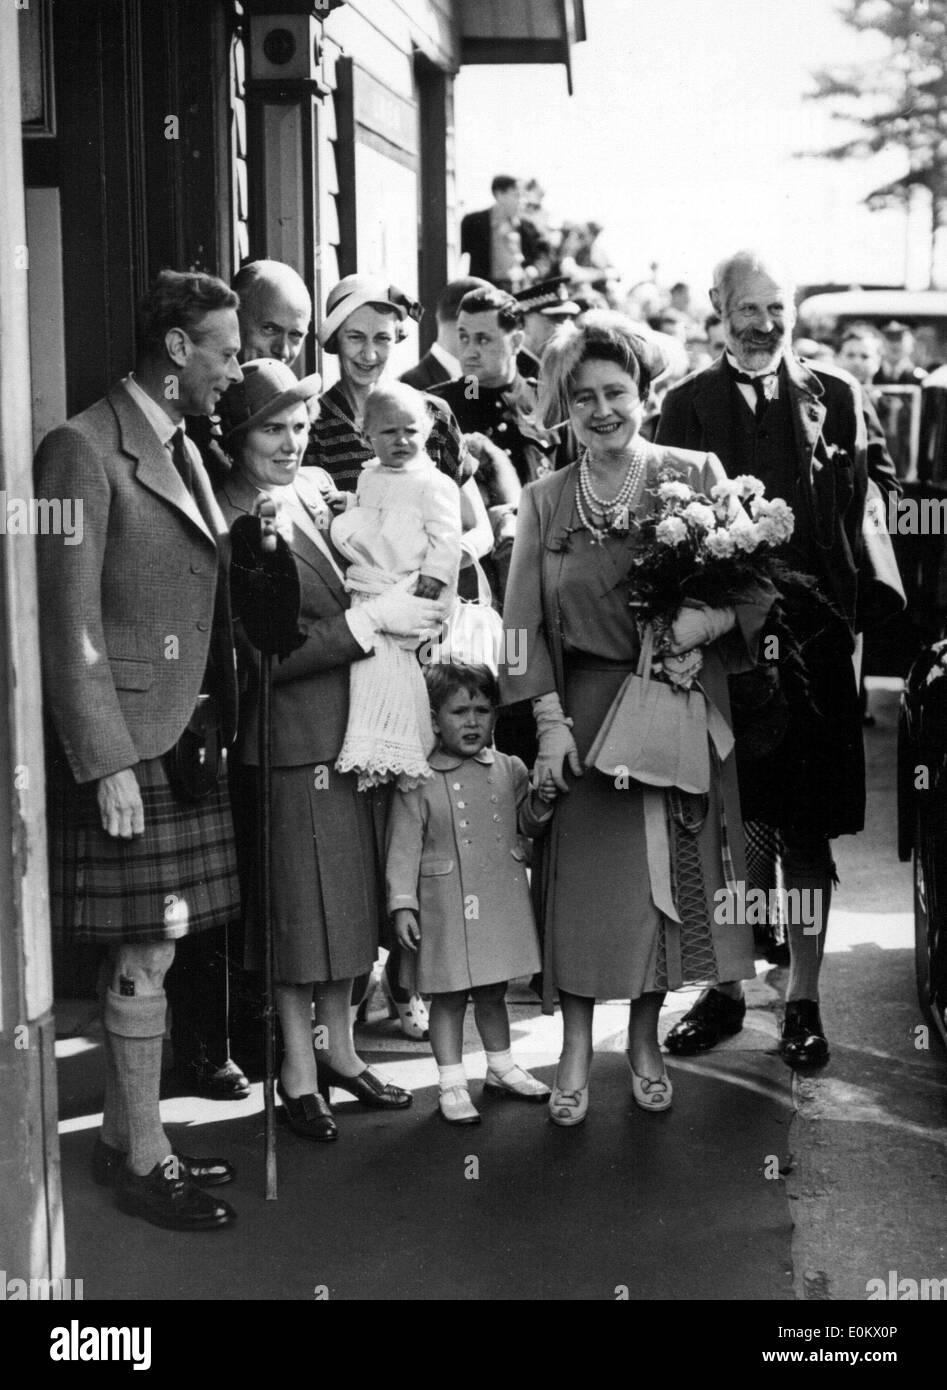 Mitglieder der königlichen Familie Windsor Ankunft in Balmoral Stockfoto